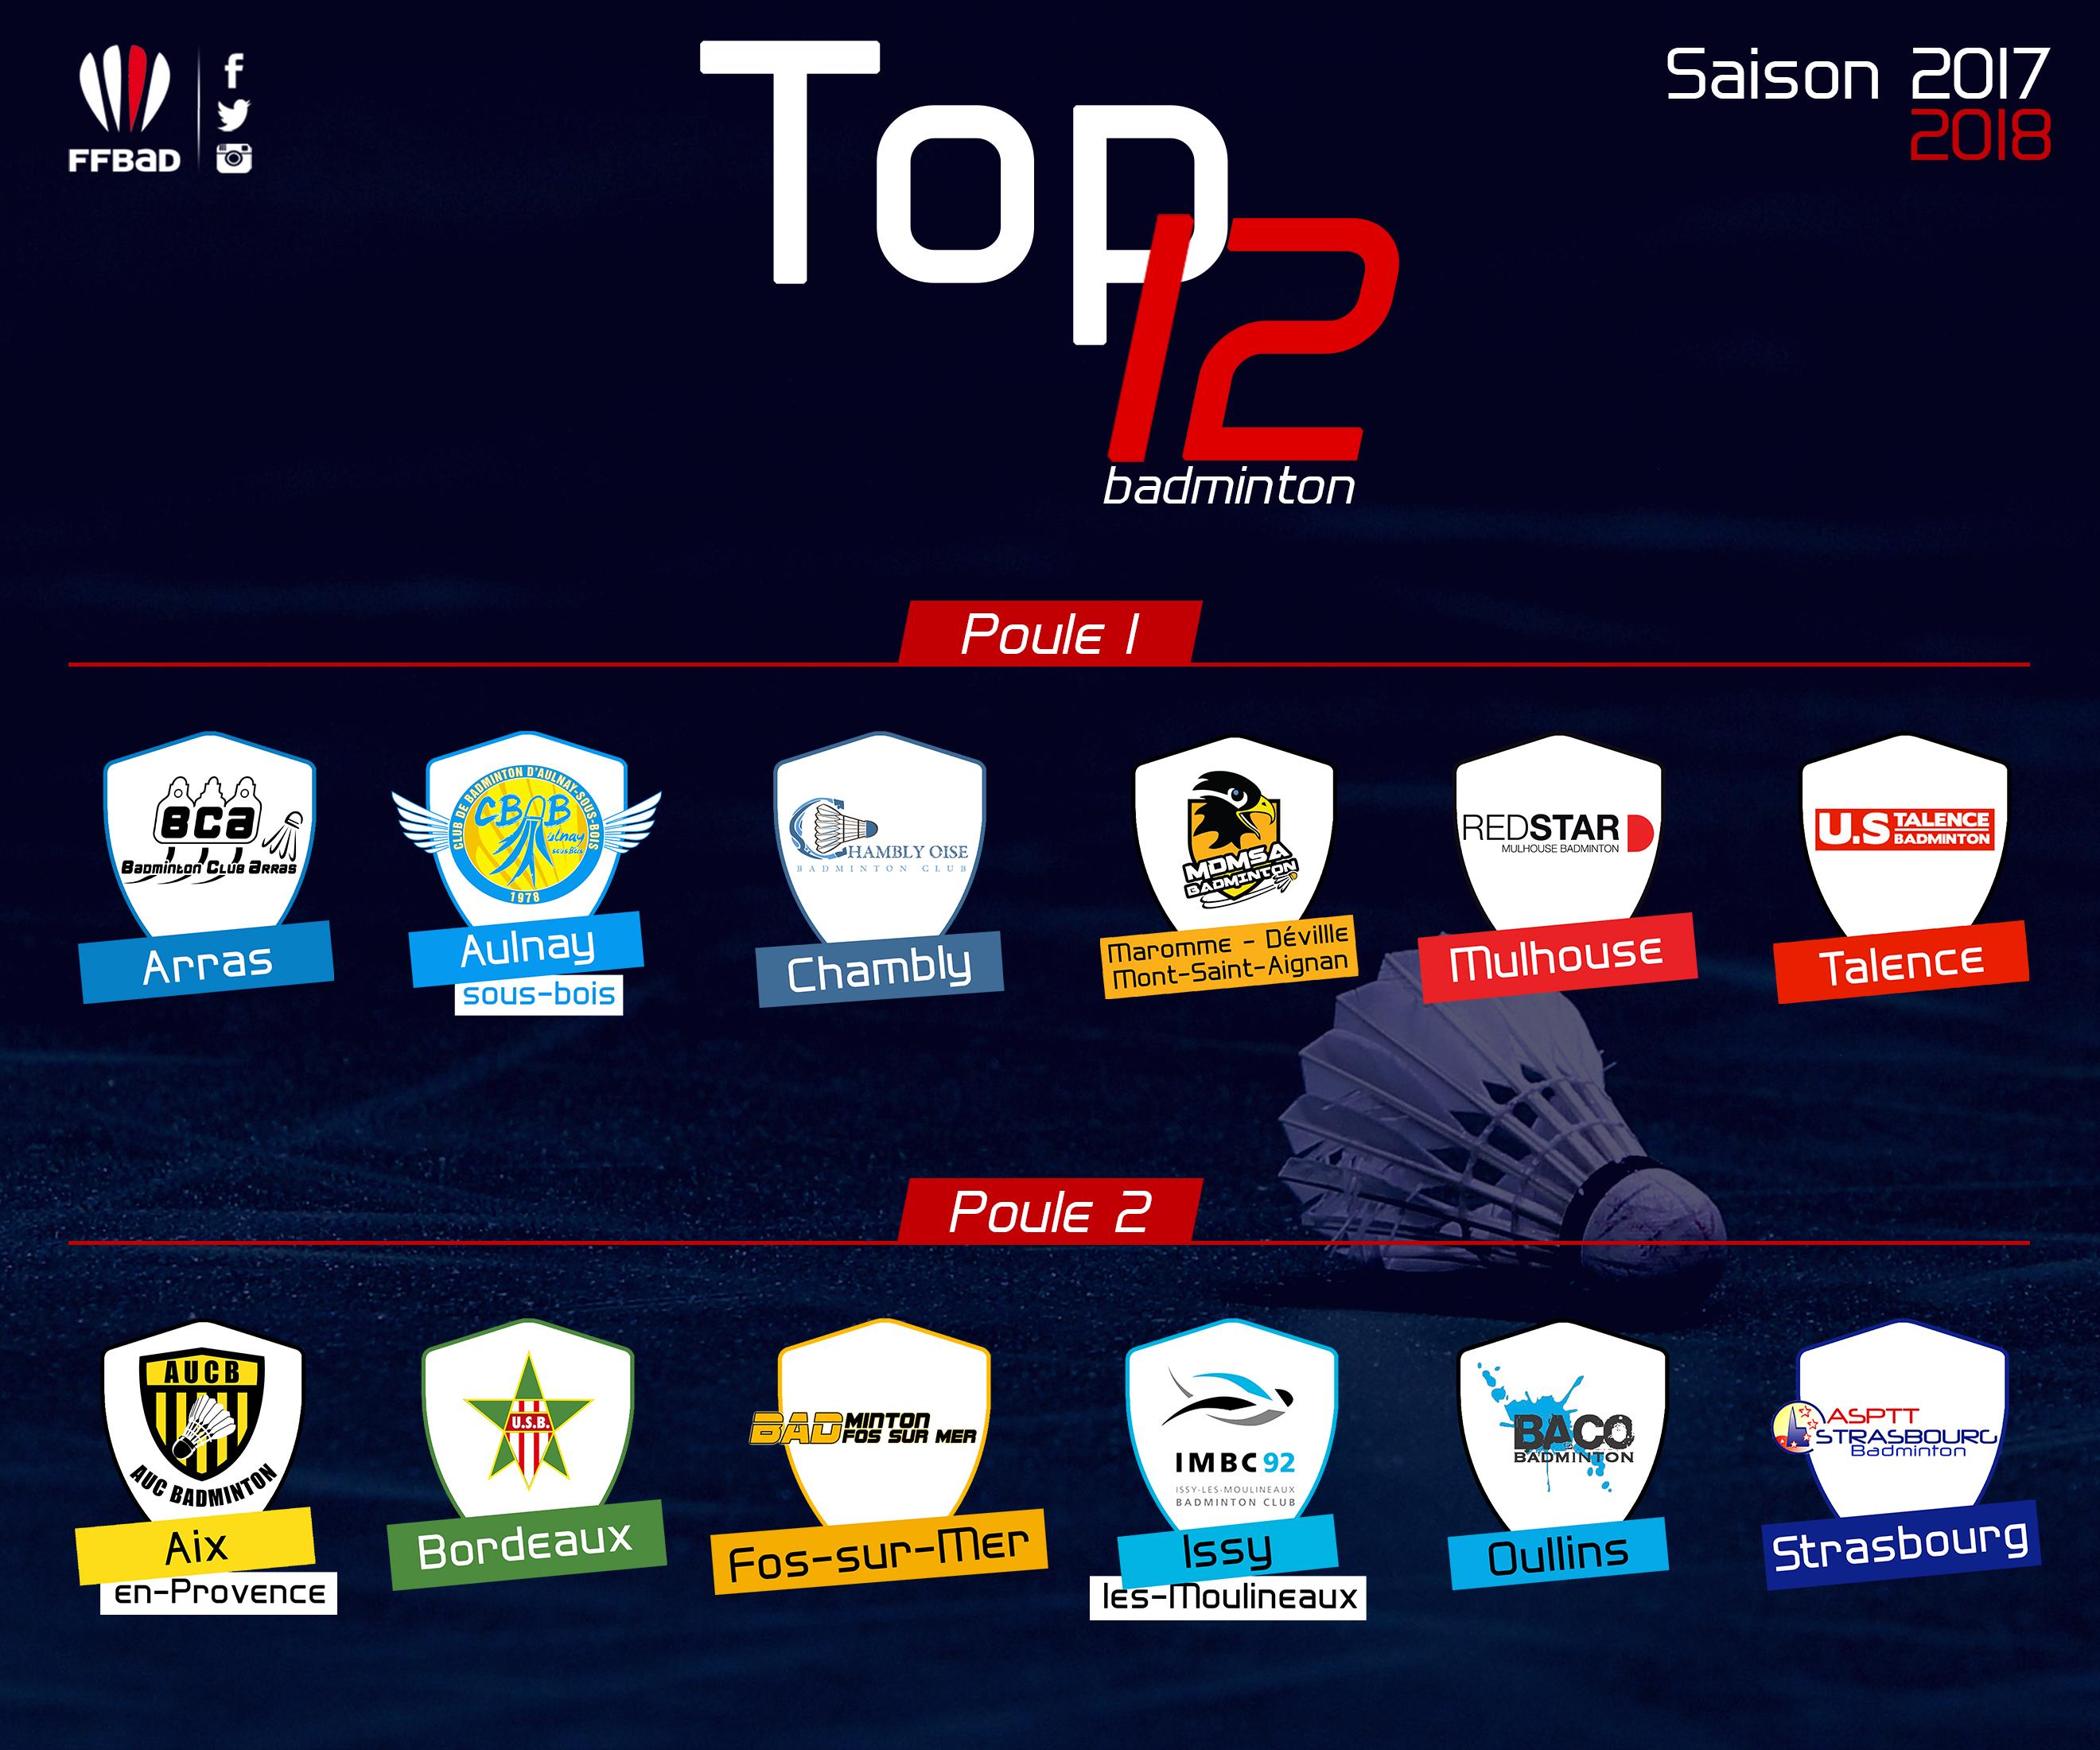 Top12 J6 : Le duel des troisièmes places